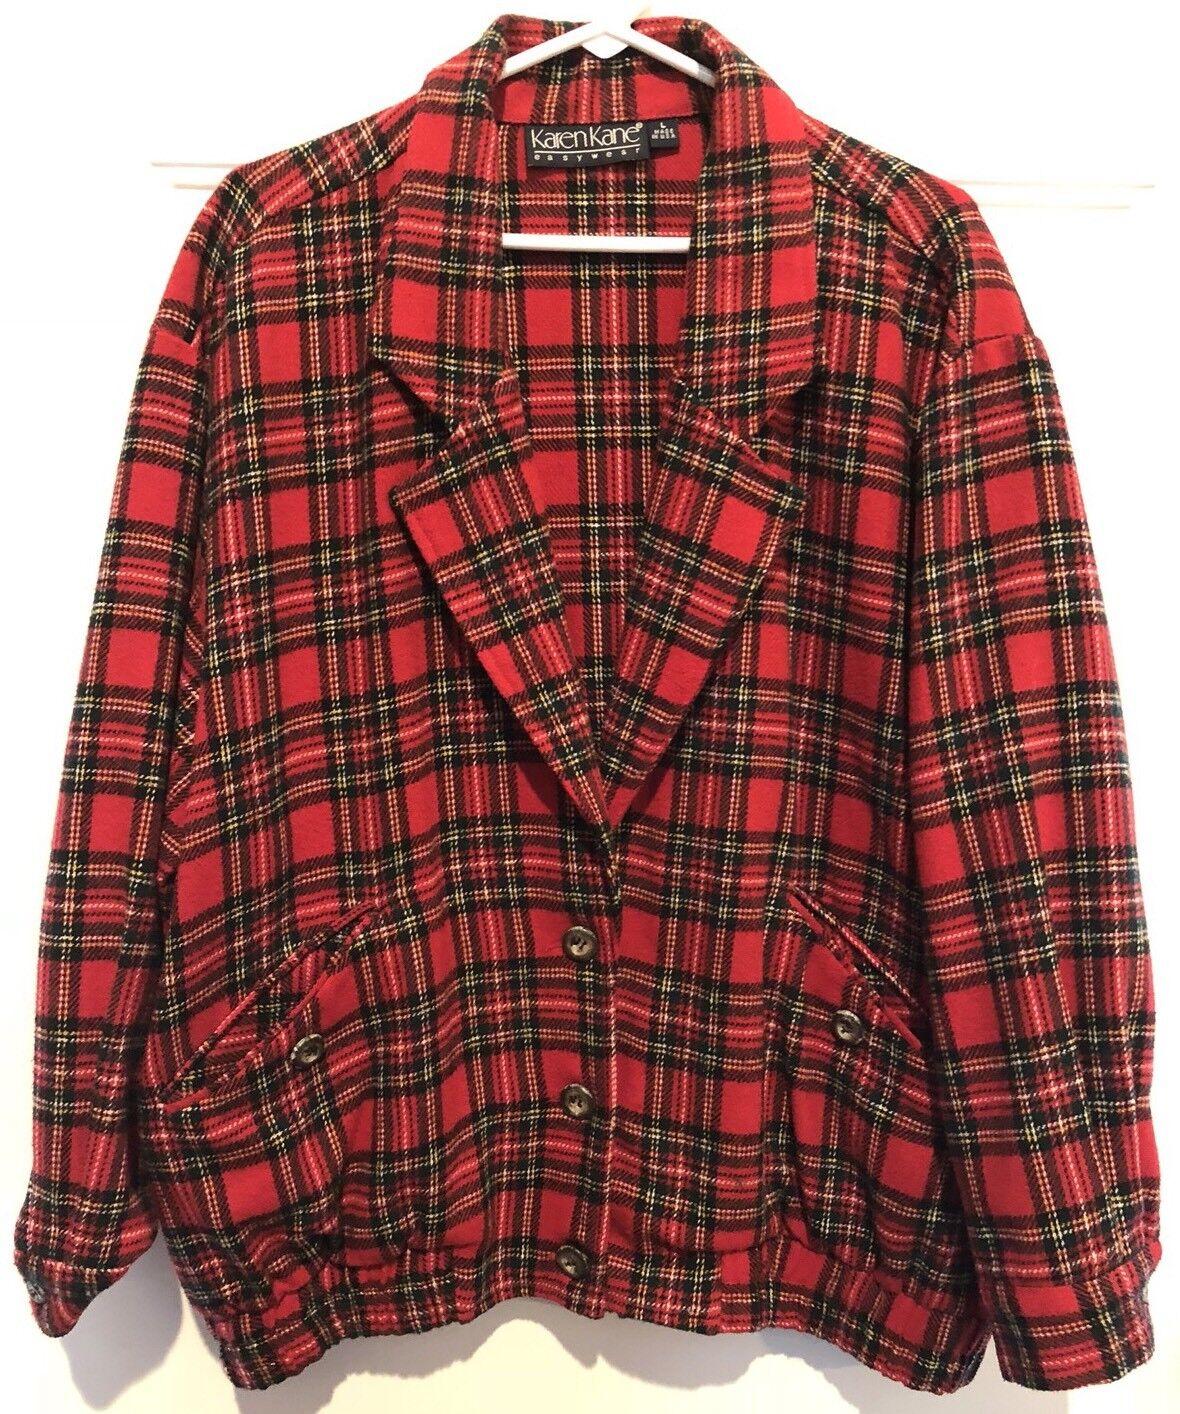 Misses LARGE Karen Kane Celtic Red Plaid Jacket, Stuart Tartan w/ border stripes